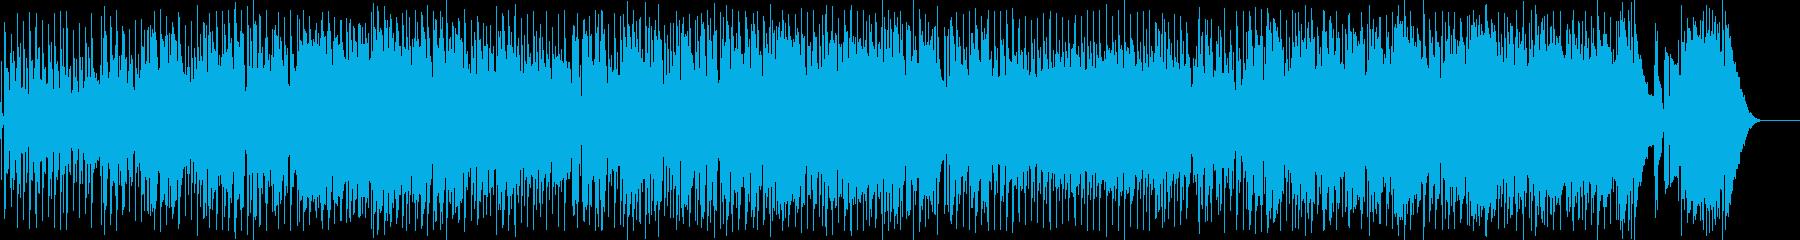 トラディショナルカントリー、男性ボ...の再生済みの波形